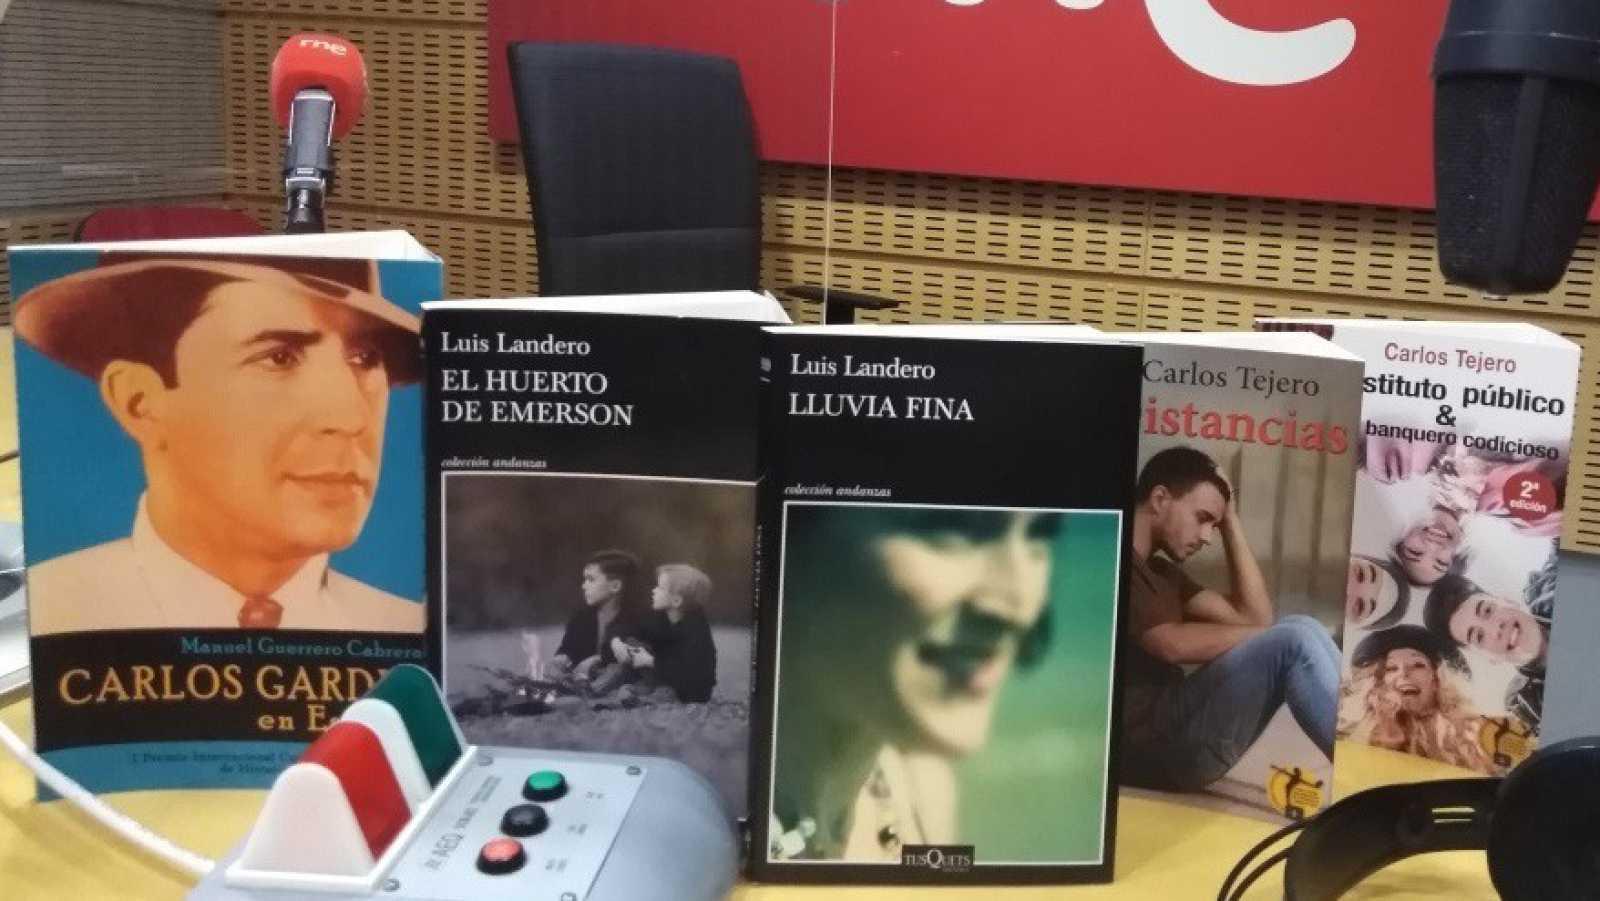 Sexto continente - Luis Landero, Carlos Gardel, Benedetti: tiempo de nostalgia - 13/03/21 - escuchar ahora